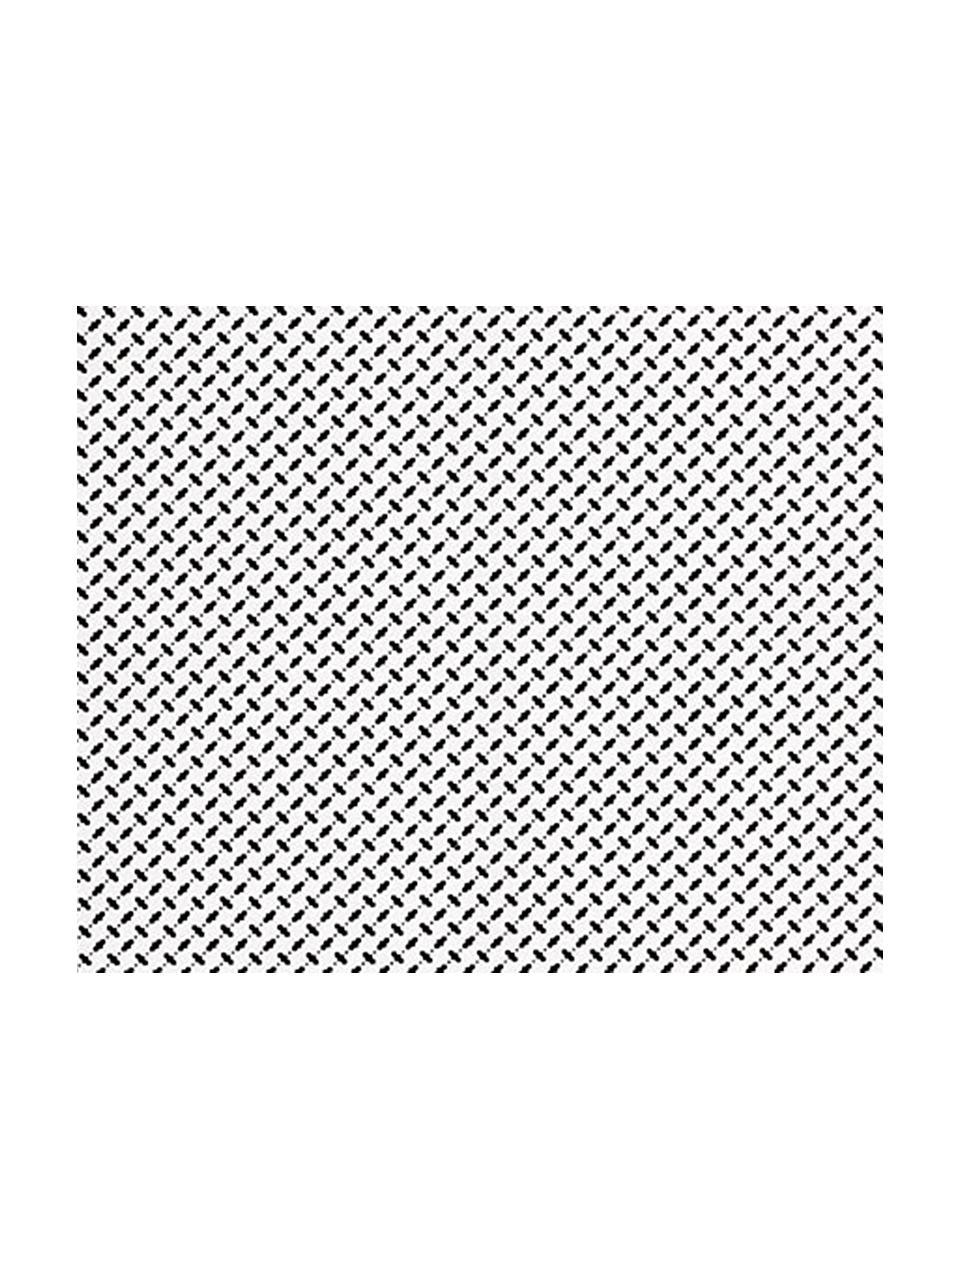 Kompostierbare Schwammtuch-Rolle Palipur, 70% Cellulose, 30% Baumwolle, Weiß, Schwarz, 24 x 25 cm